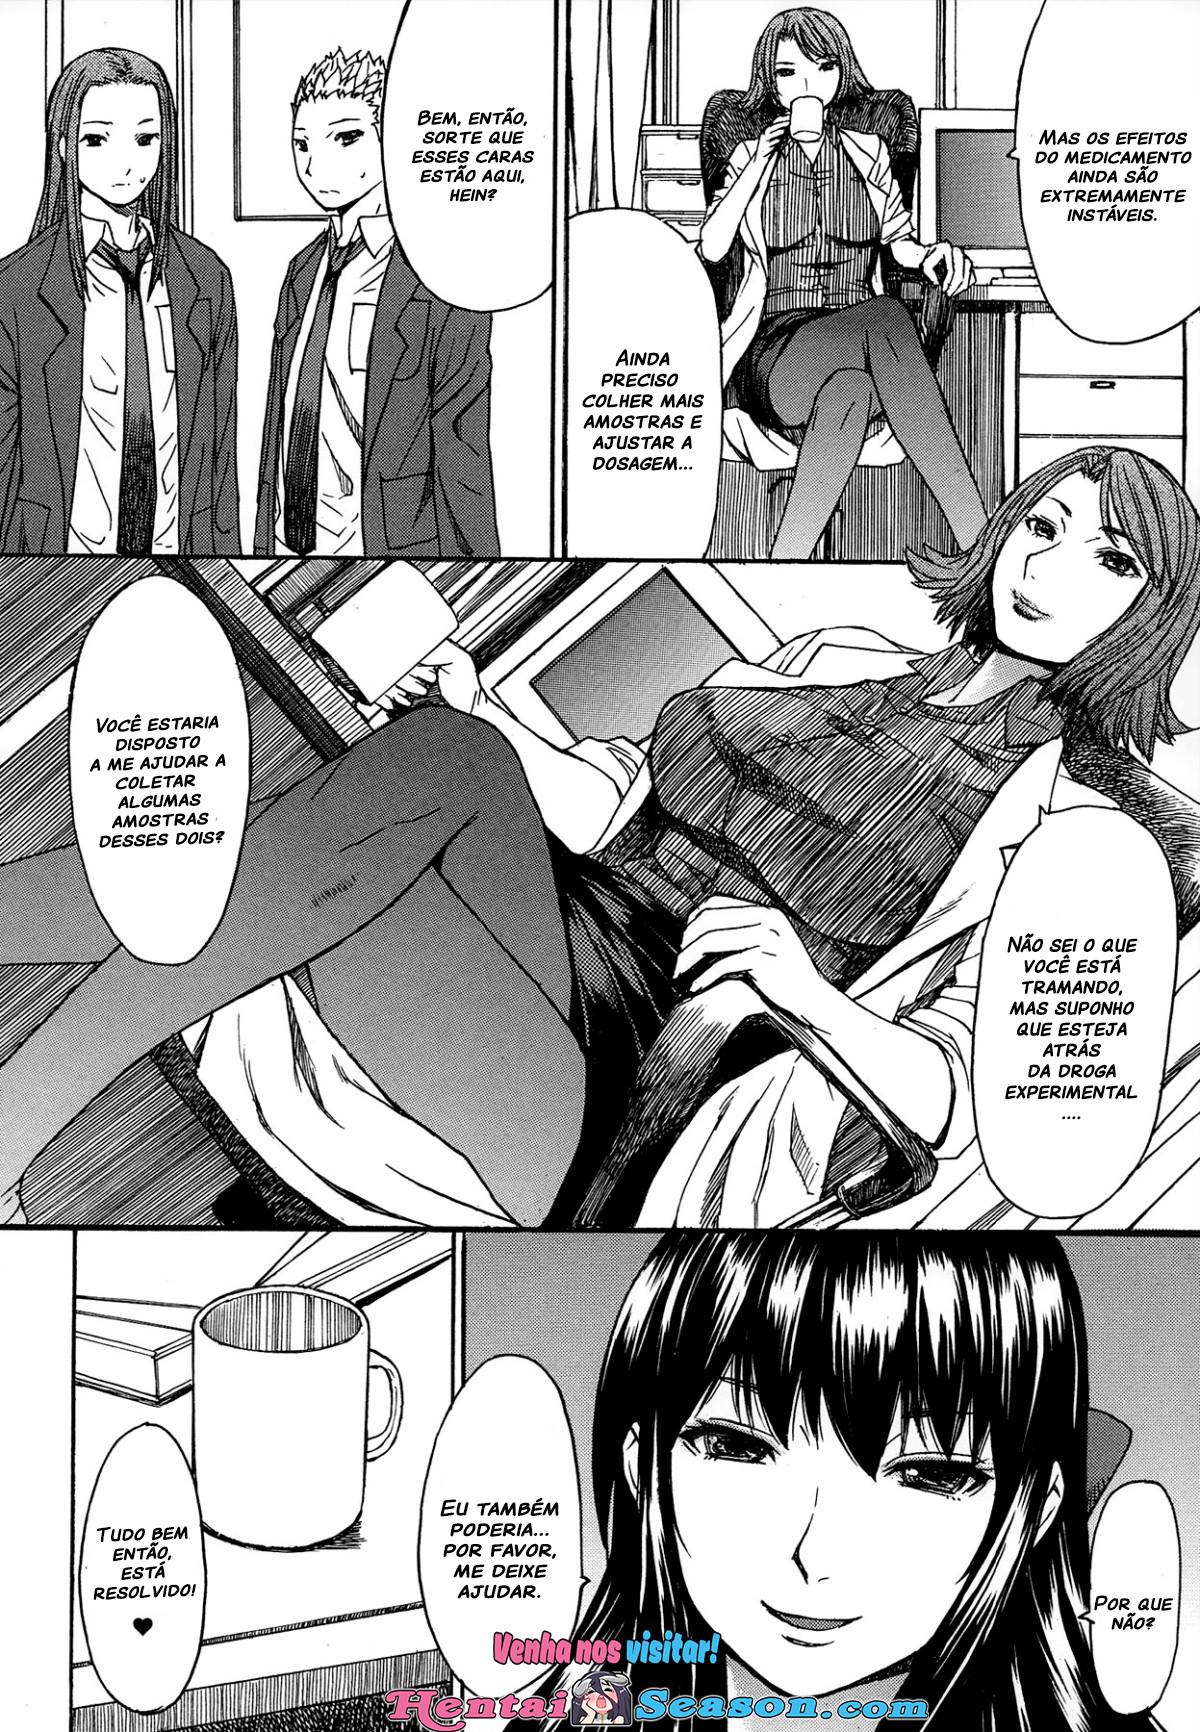 Ashigami Capitulo 4 - pagina 12